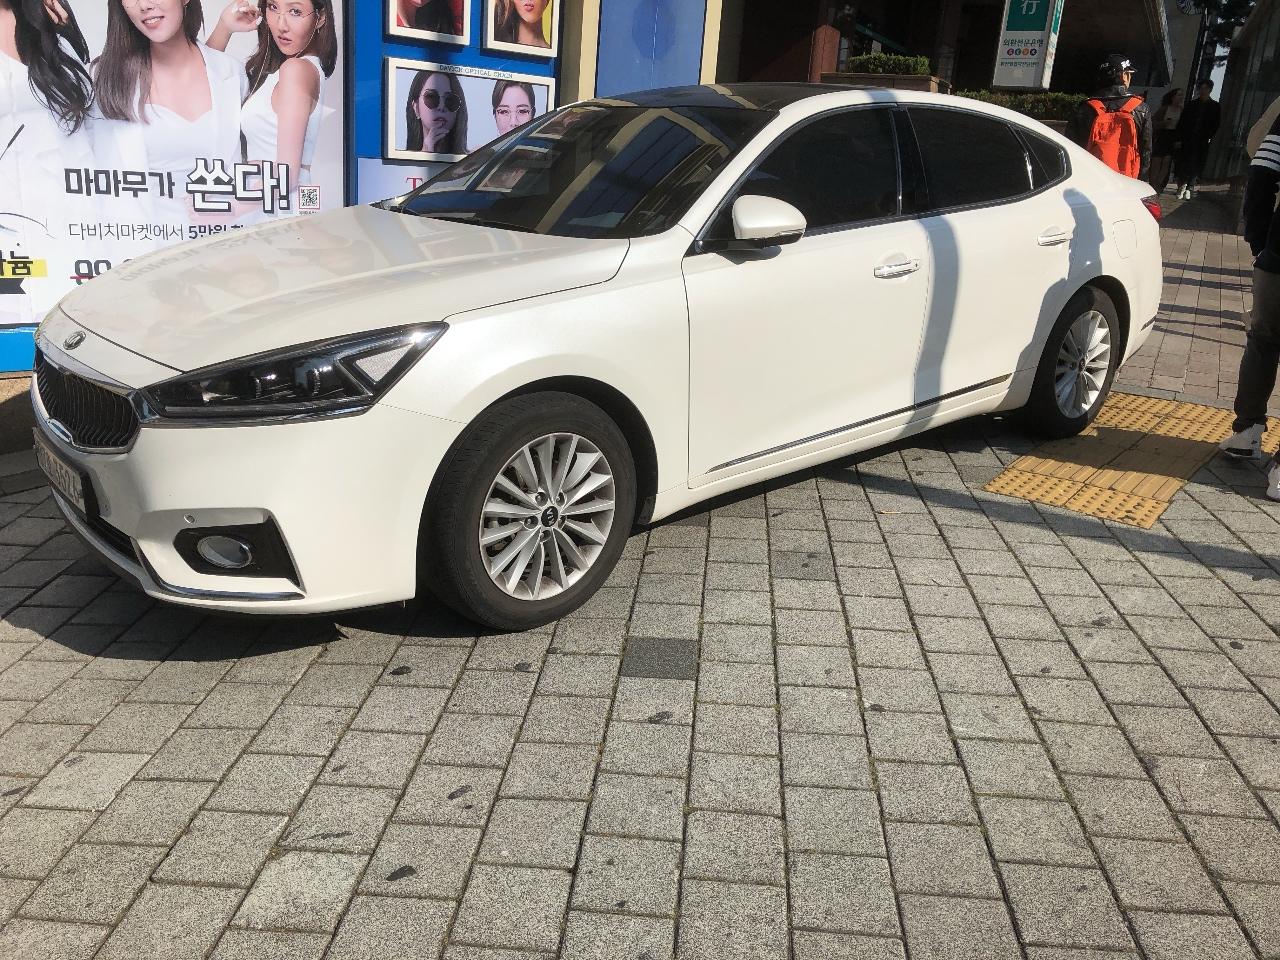 韓国の四輪車事情をまとめてみました